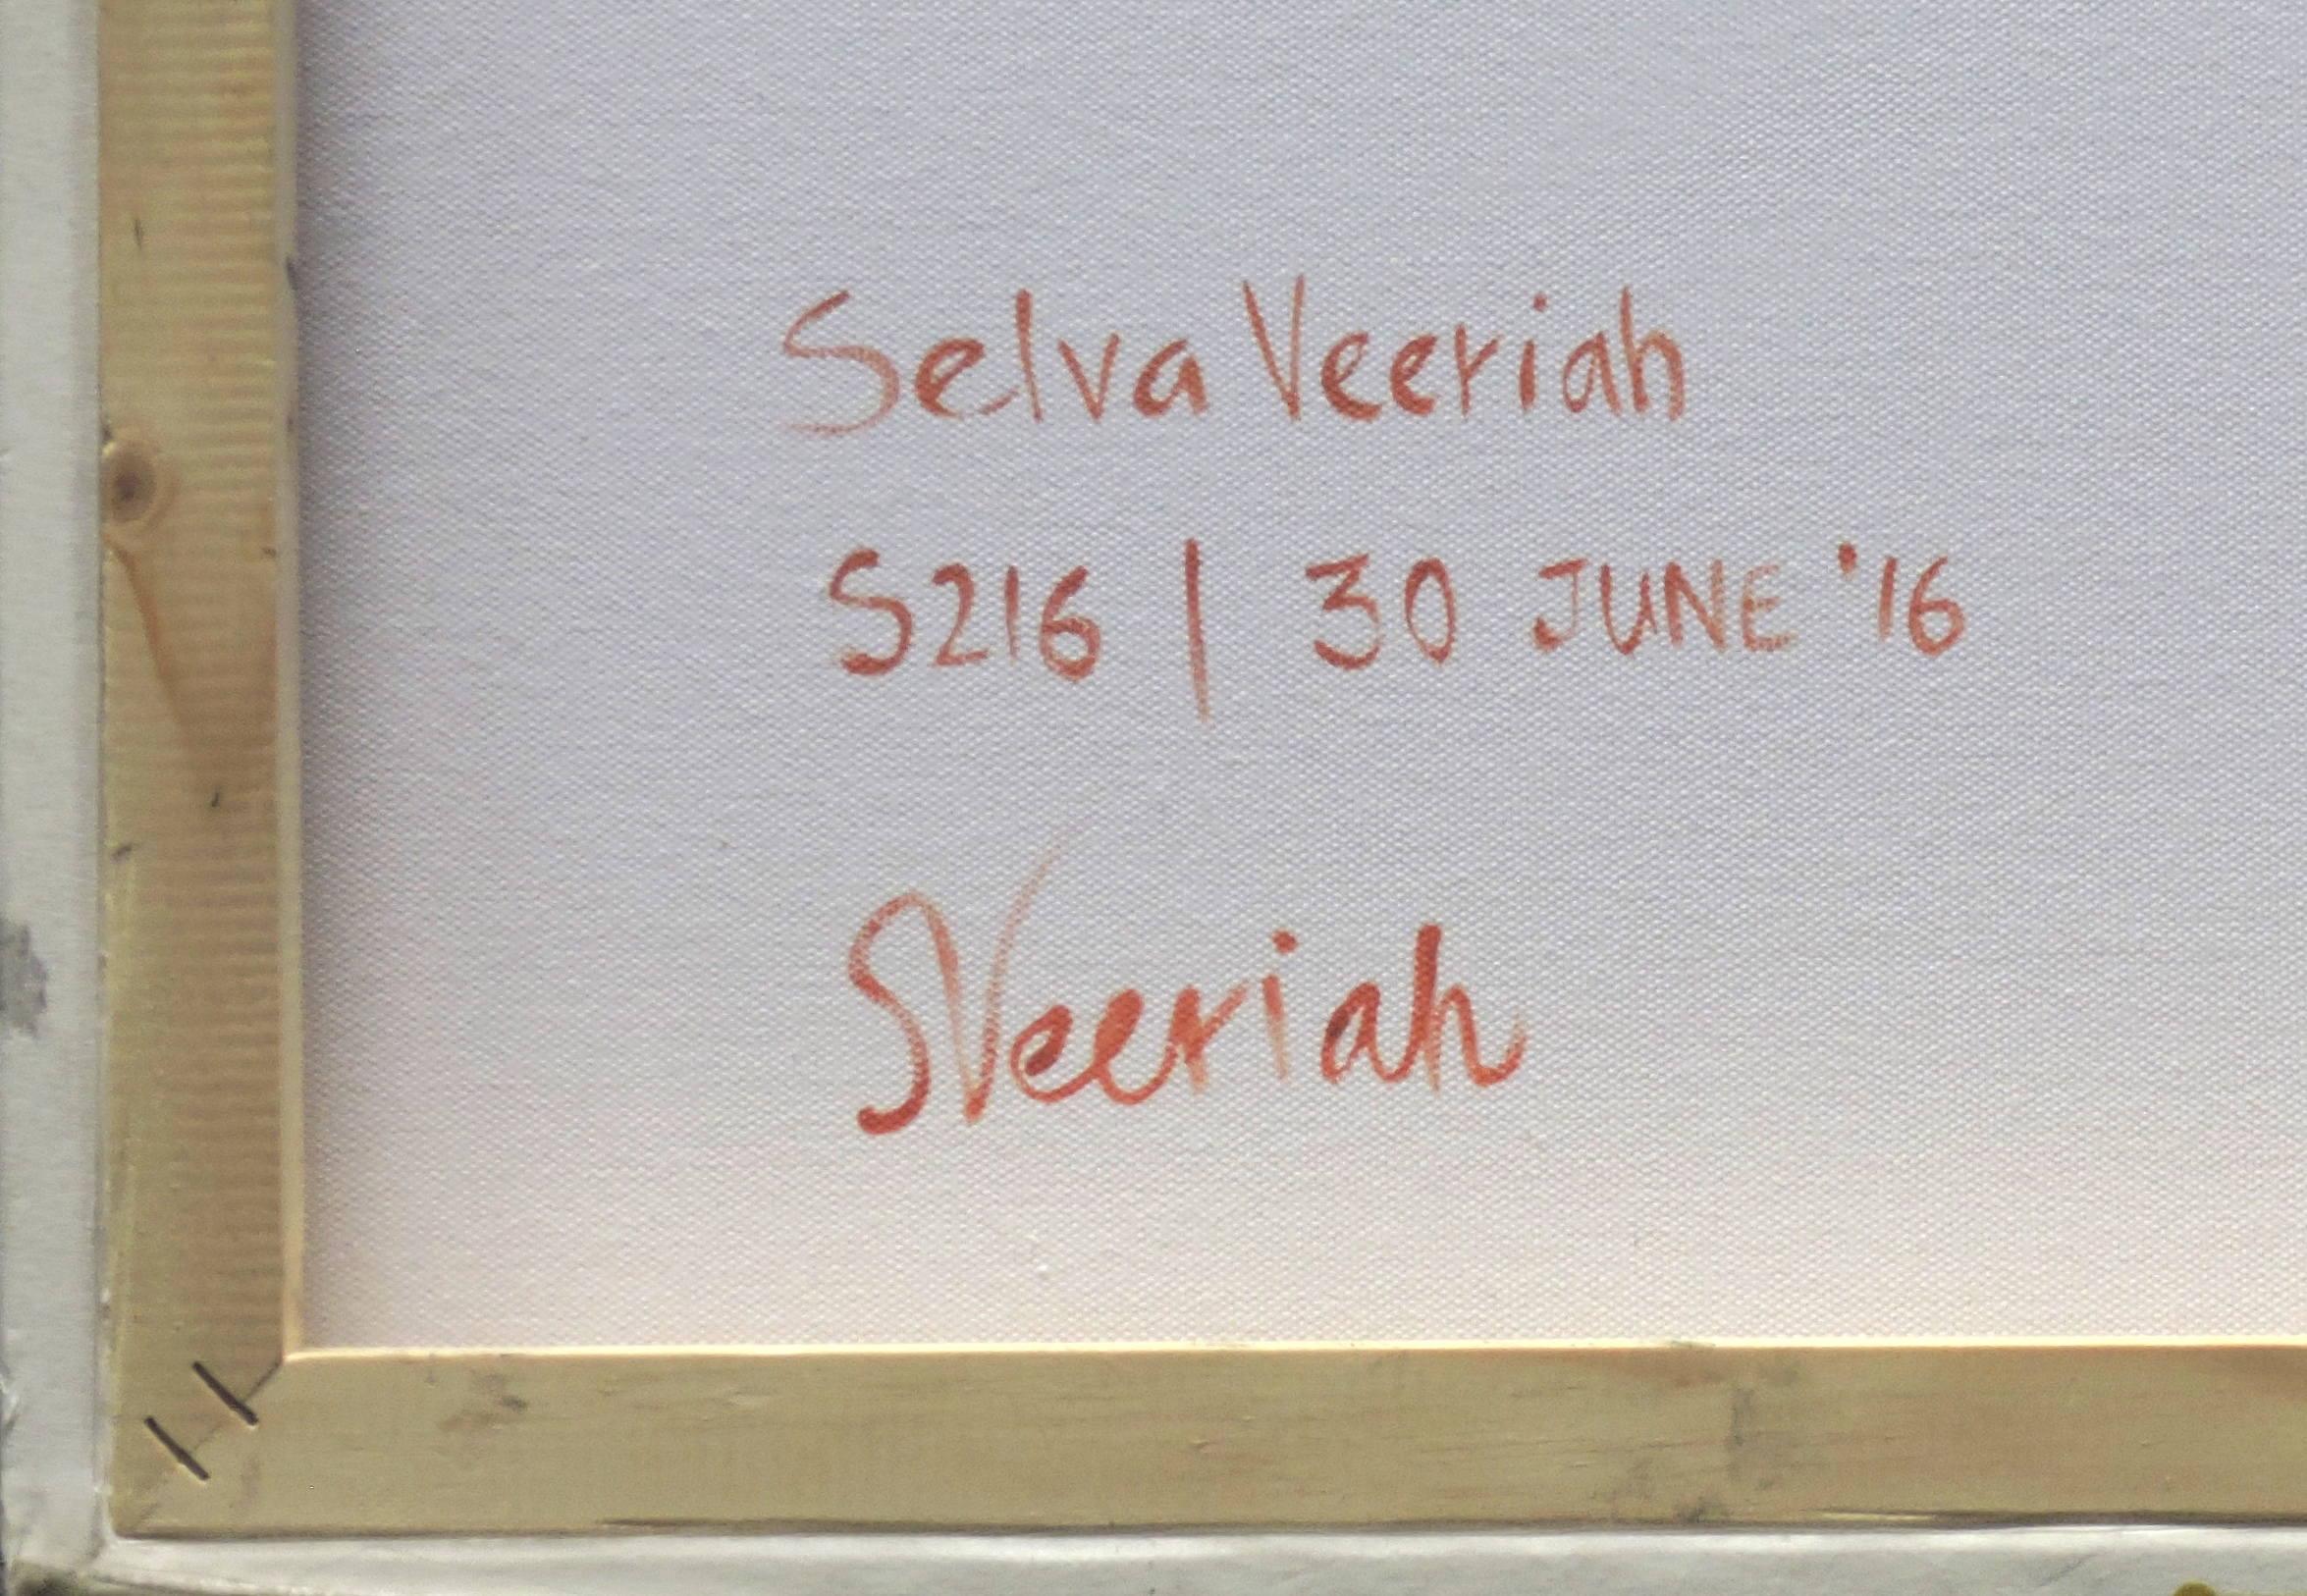 S216 Close-up (Signature)